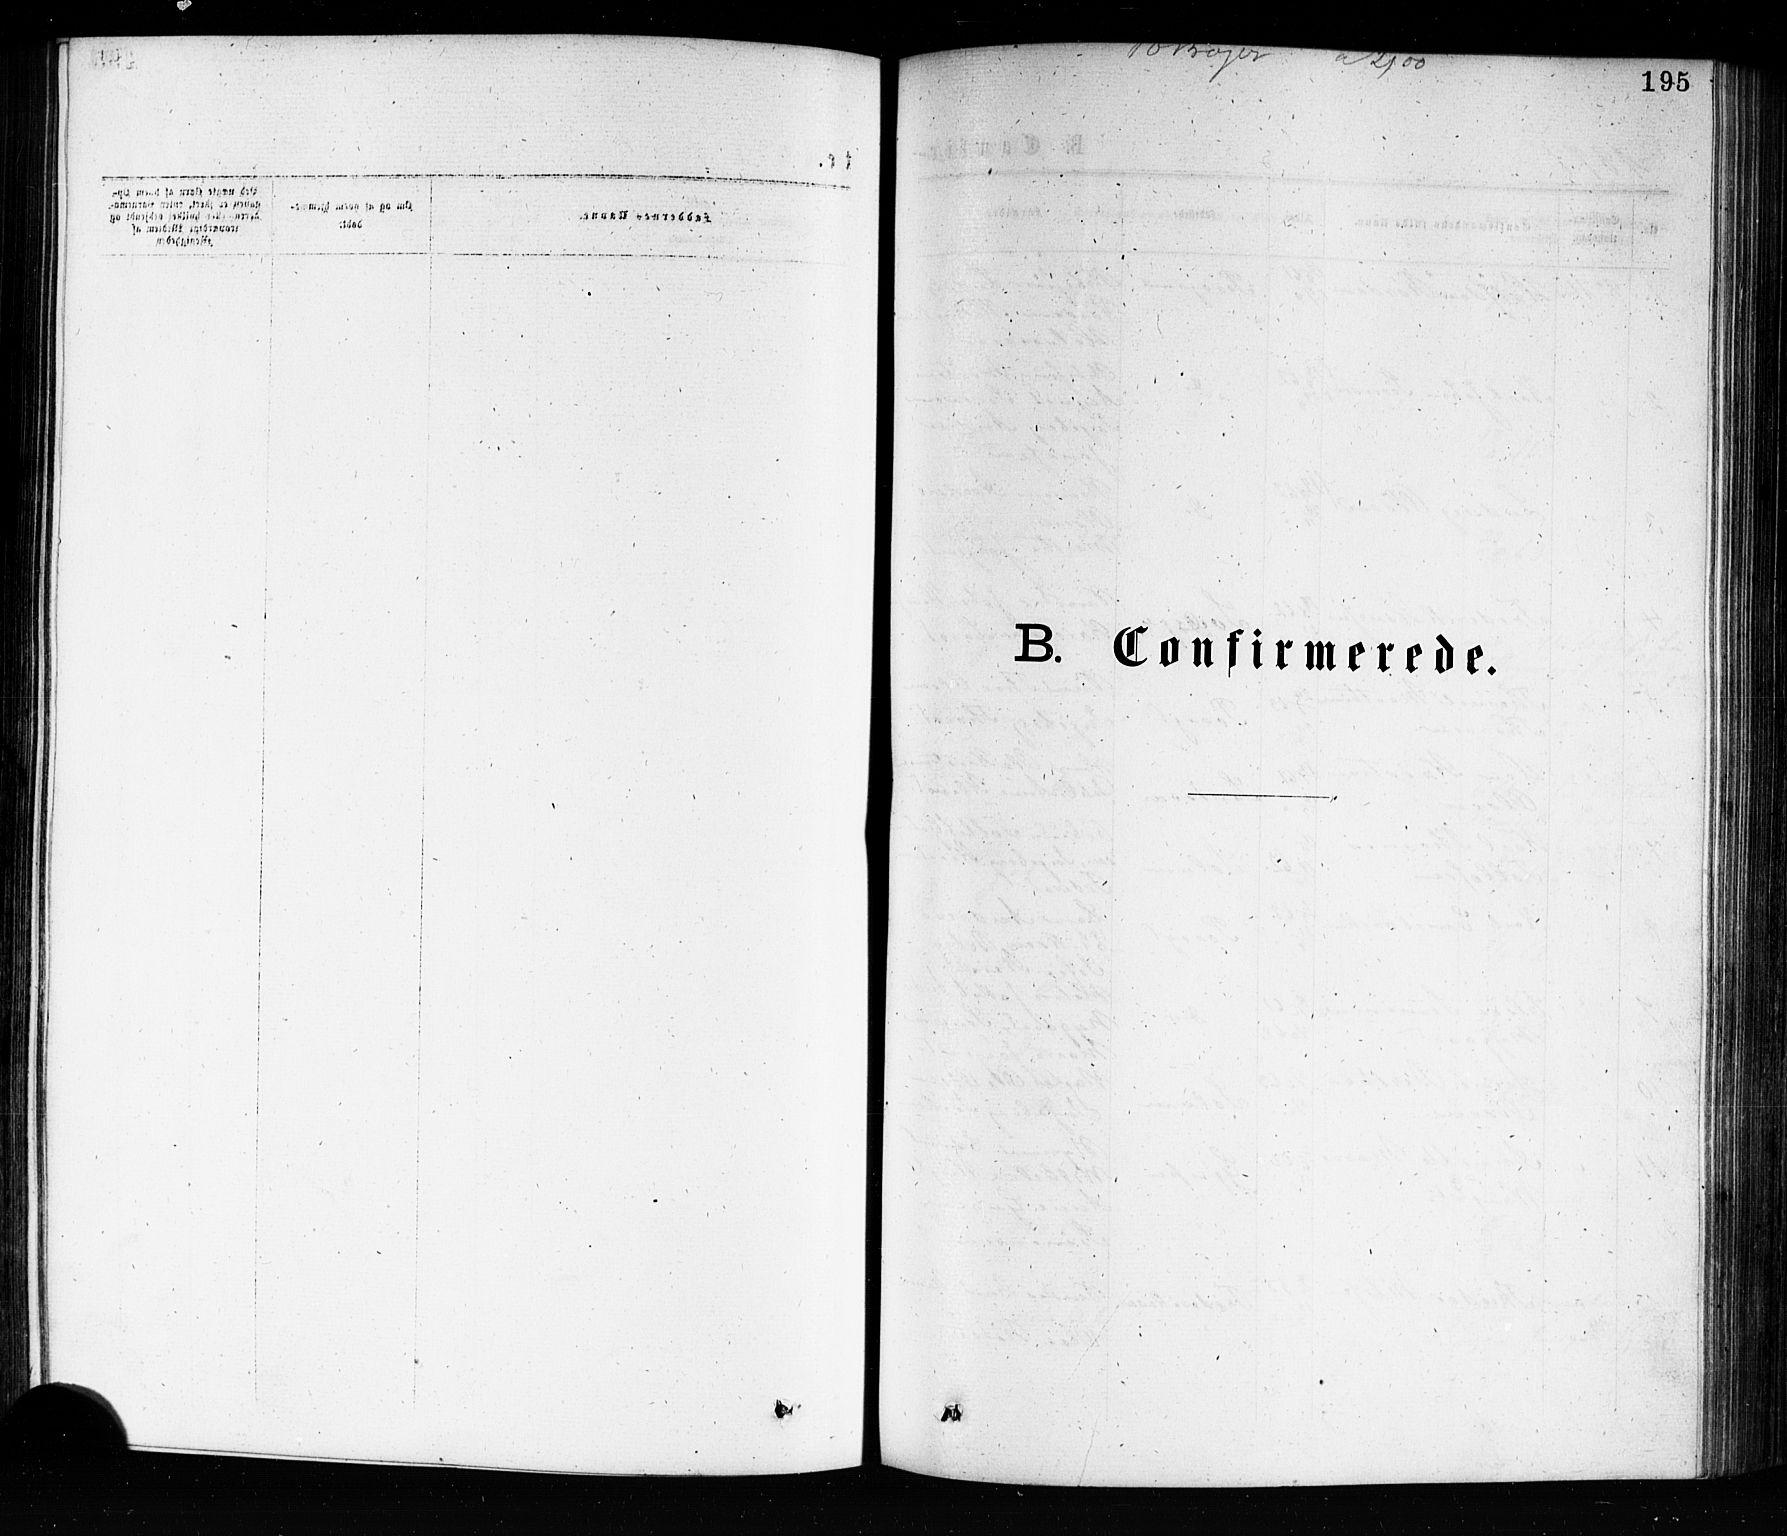 SAKO, Porsgrunn kirkebøker , G/Ga/L0003: Klokkerbok nr. I 3, 1877-1915, s. 195